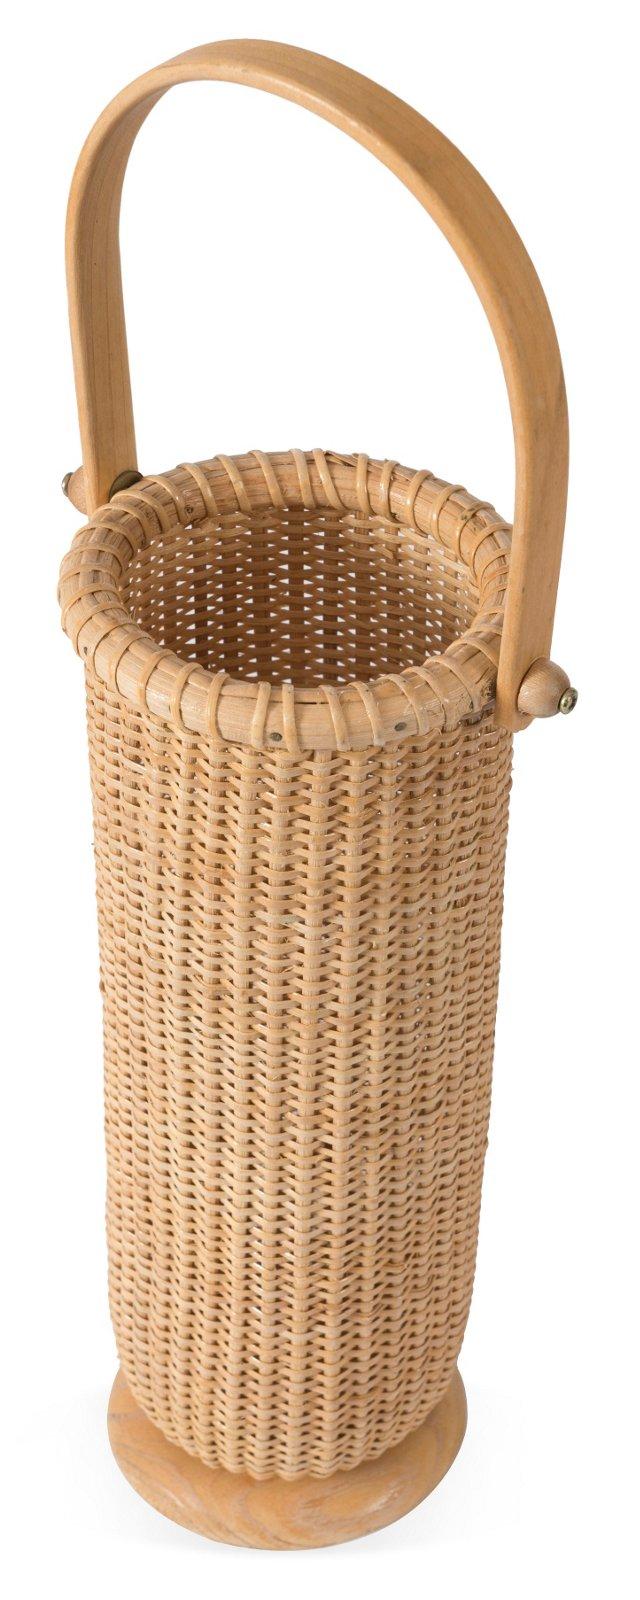 Nantucket-Style Wine Basket